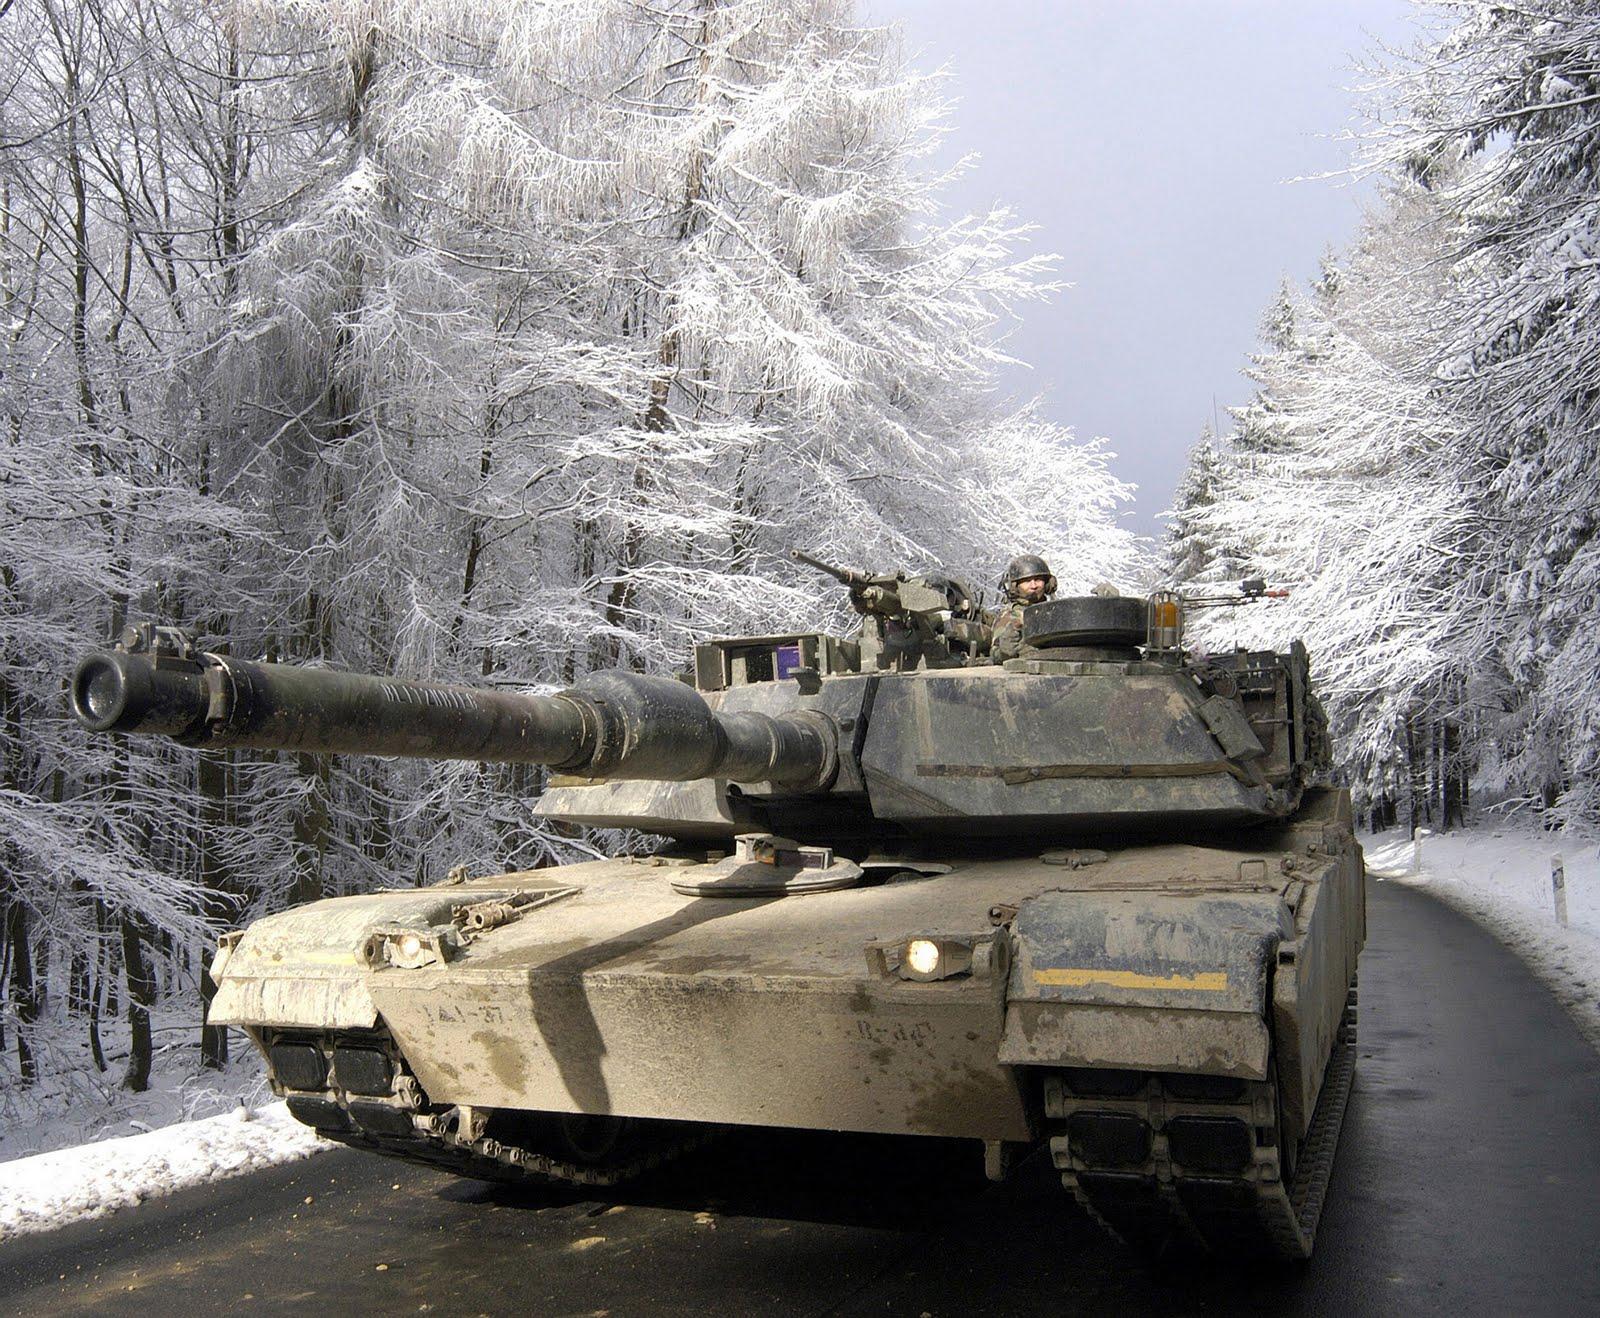 http://4.bp.blogspot.com/_Jx0sqzELZiE/TIj5ZhmrmpI/AAAAAAAAAHY/otkCNpINffA/s1600/Tanks%20(2).jpg